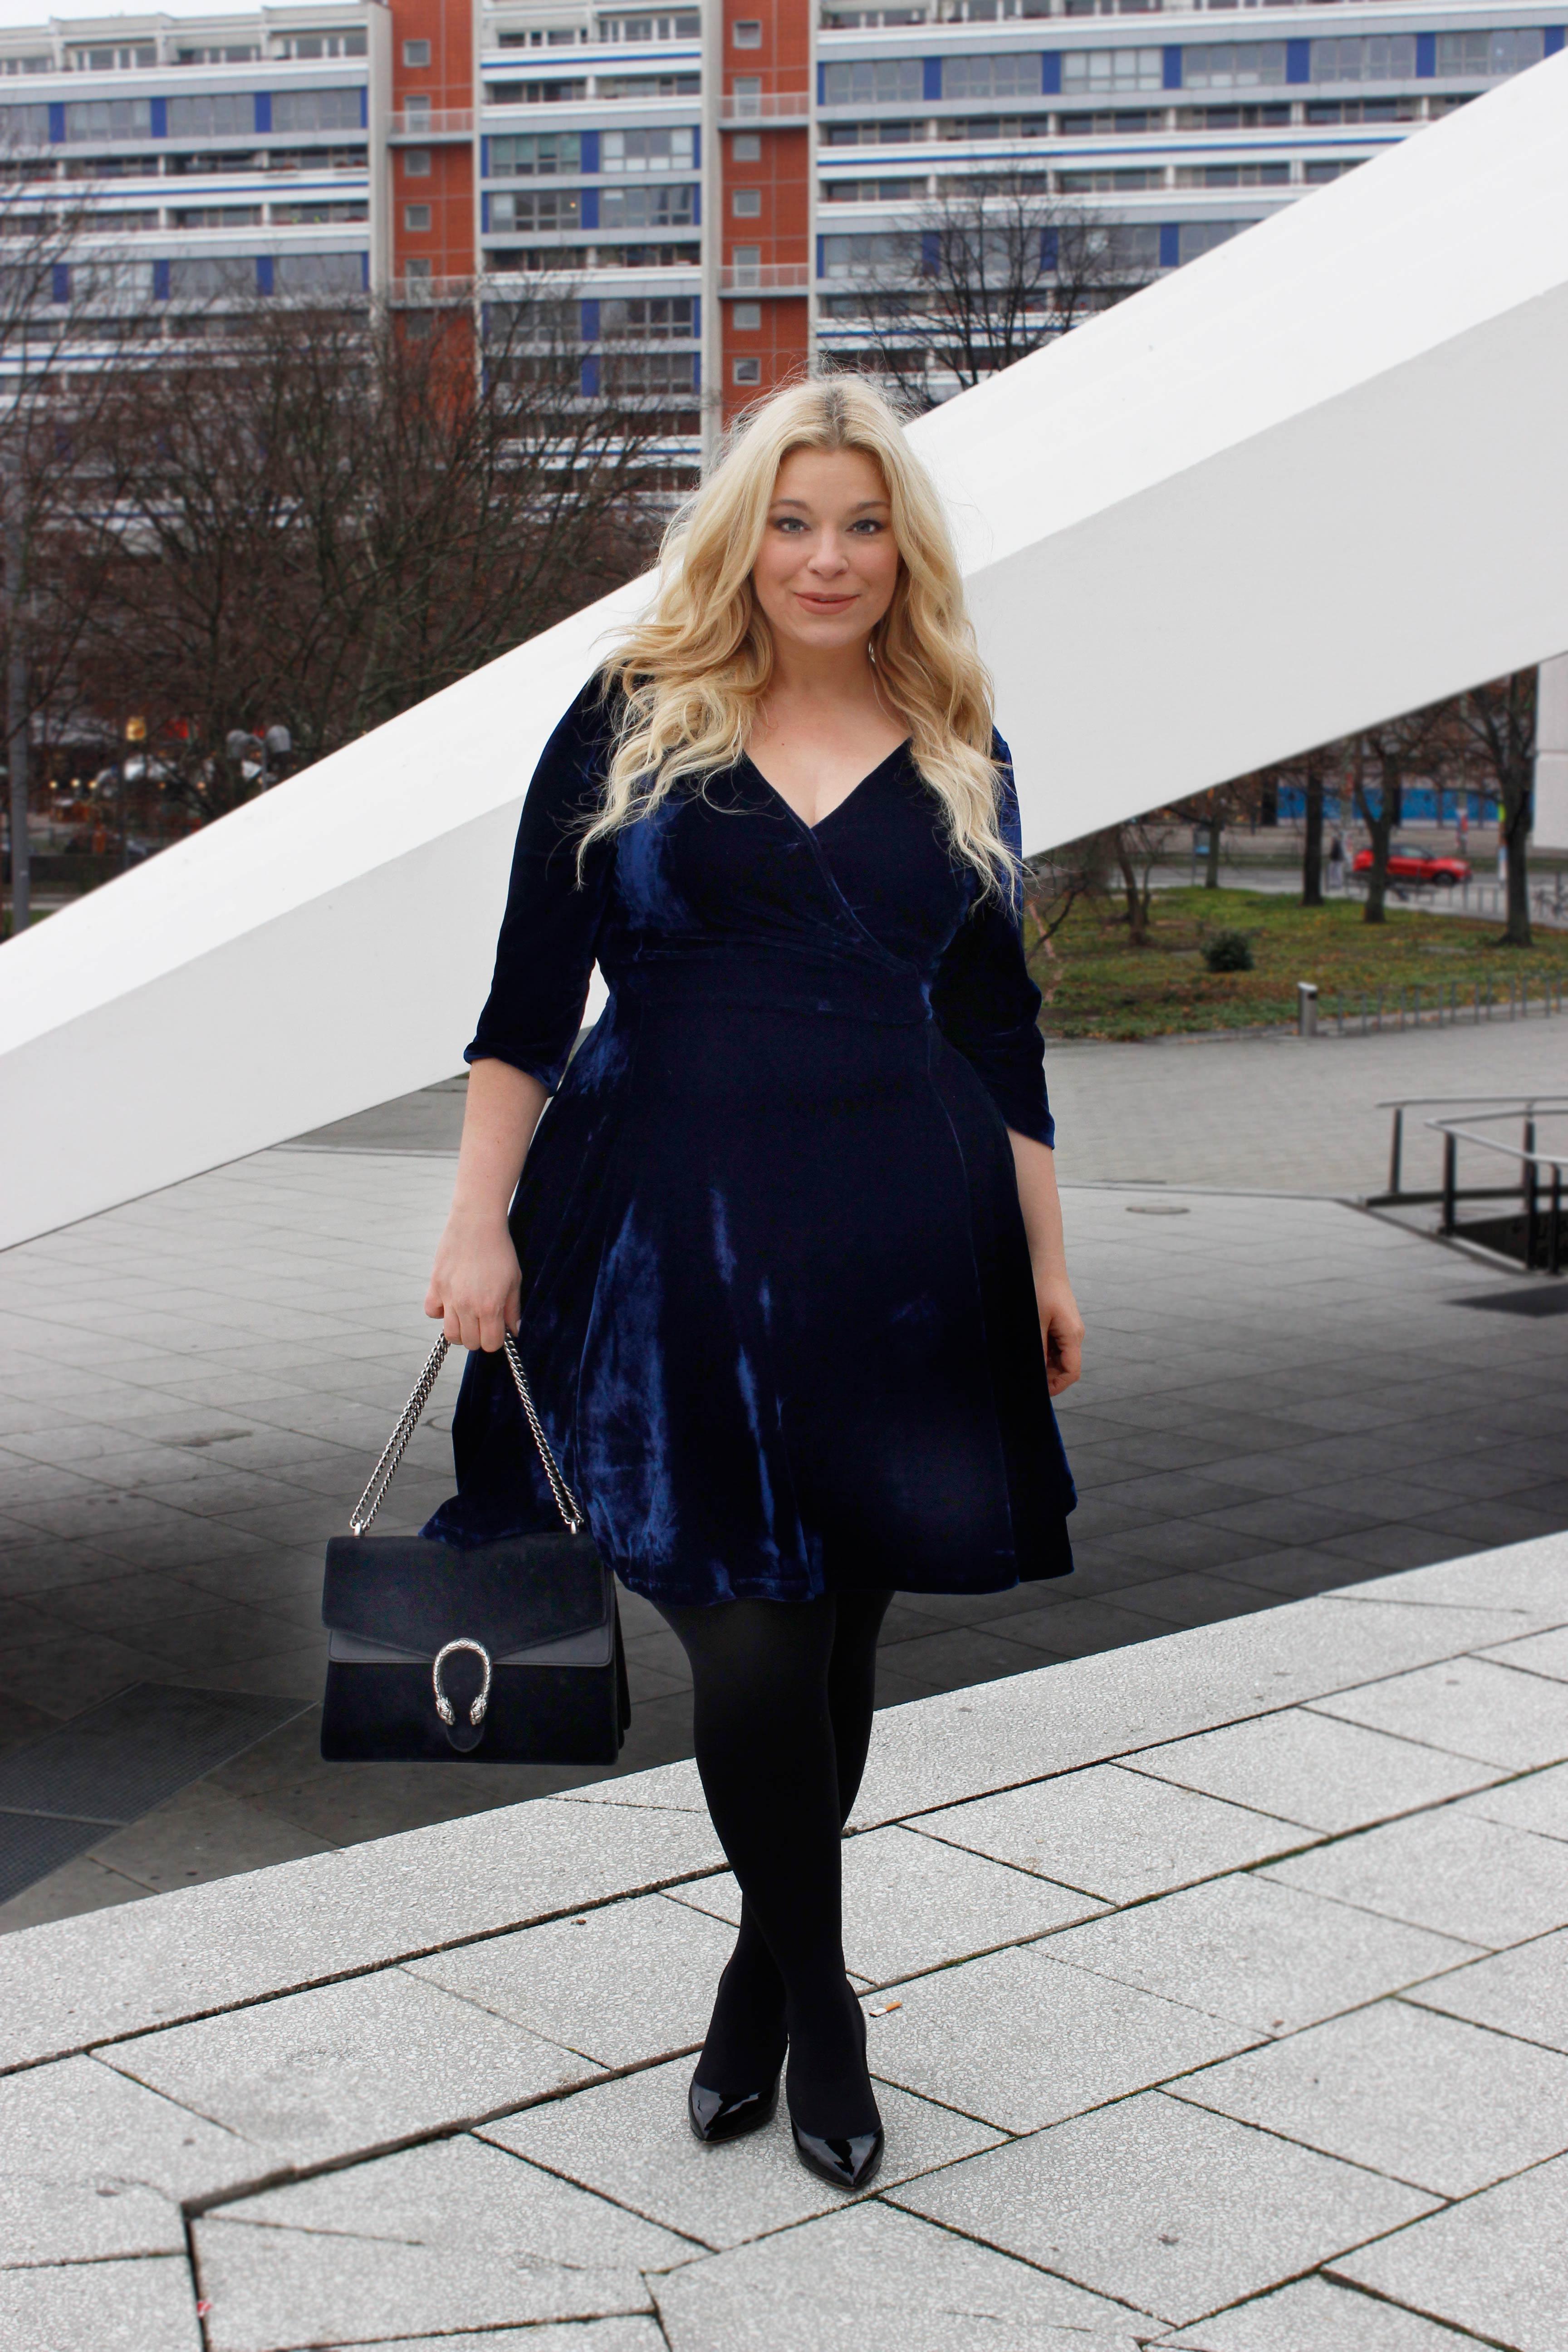 Caterina-pogorzelski-Megabambi-Plussize-Curvy-outfit